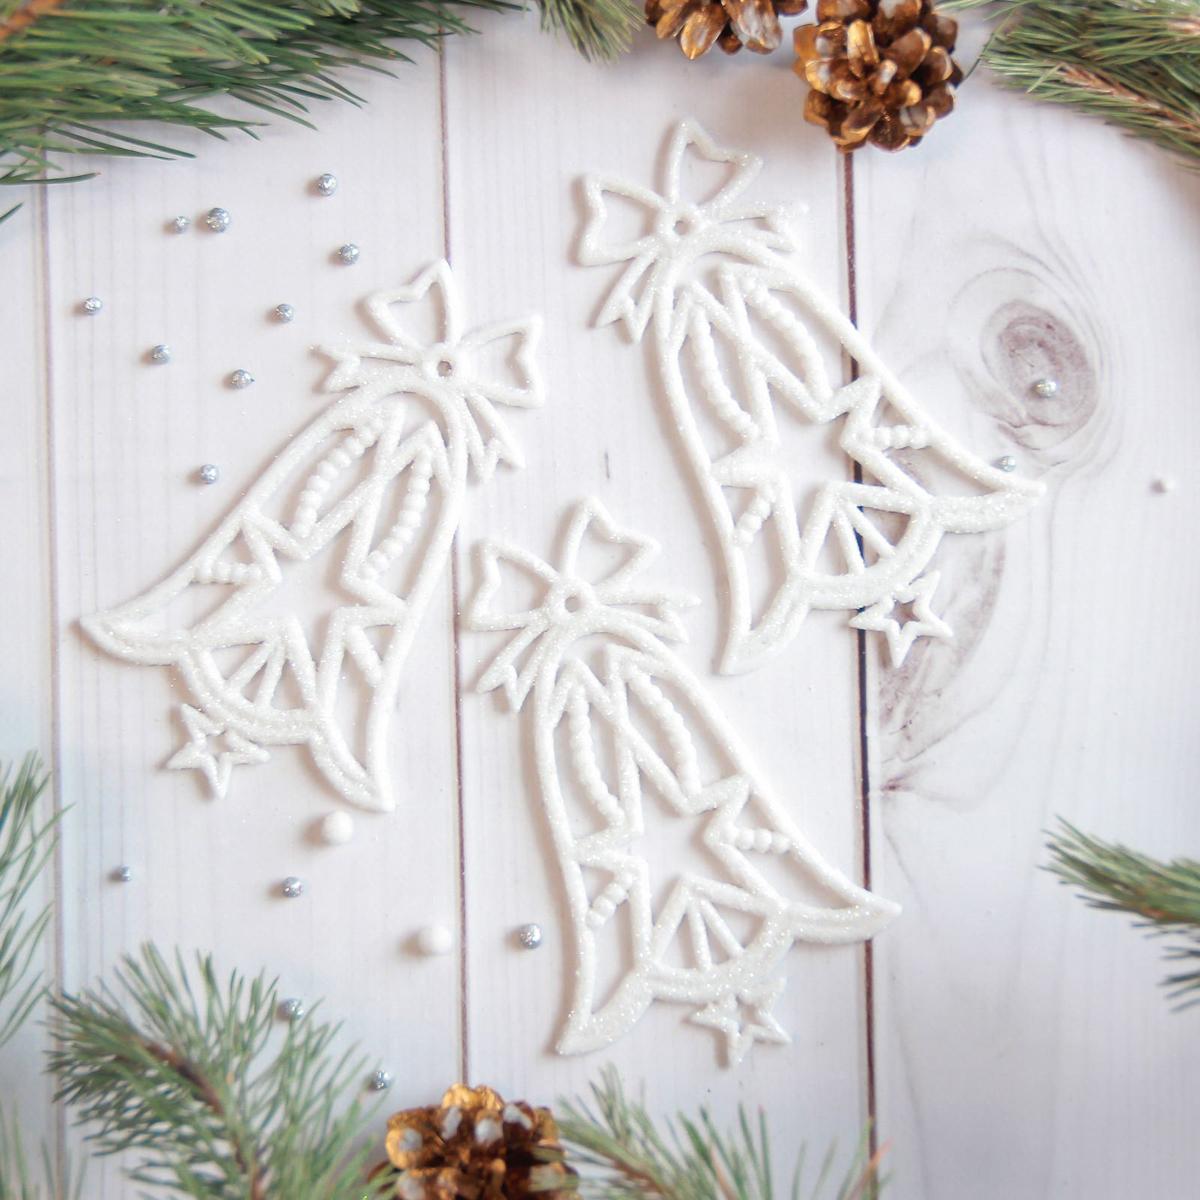 Набор новогодних подвесных украшений Sima-land Колокольчики, 8 х 13 см, 3 шт2371305Набор новогодних подвесных украшений Sima-land отлично подойдет для декорации вашего дома и новогодней ели. Новогодние украшения можно повесить в любом понравившемся вам месте. Но, конечно, удачнее всего они будет смотреться на праздничной елке.Елочная игрушка - символ Нового года. Она несет в себе волшебство и красоту праздника. Такое украшение создаст в вашем доме атмосферу праздника, веселья и радости.